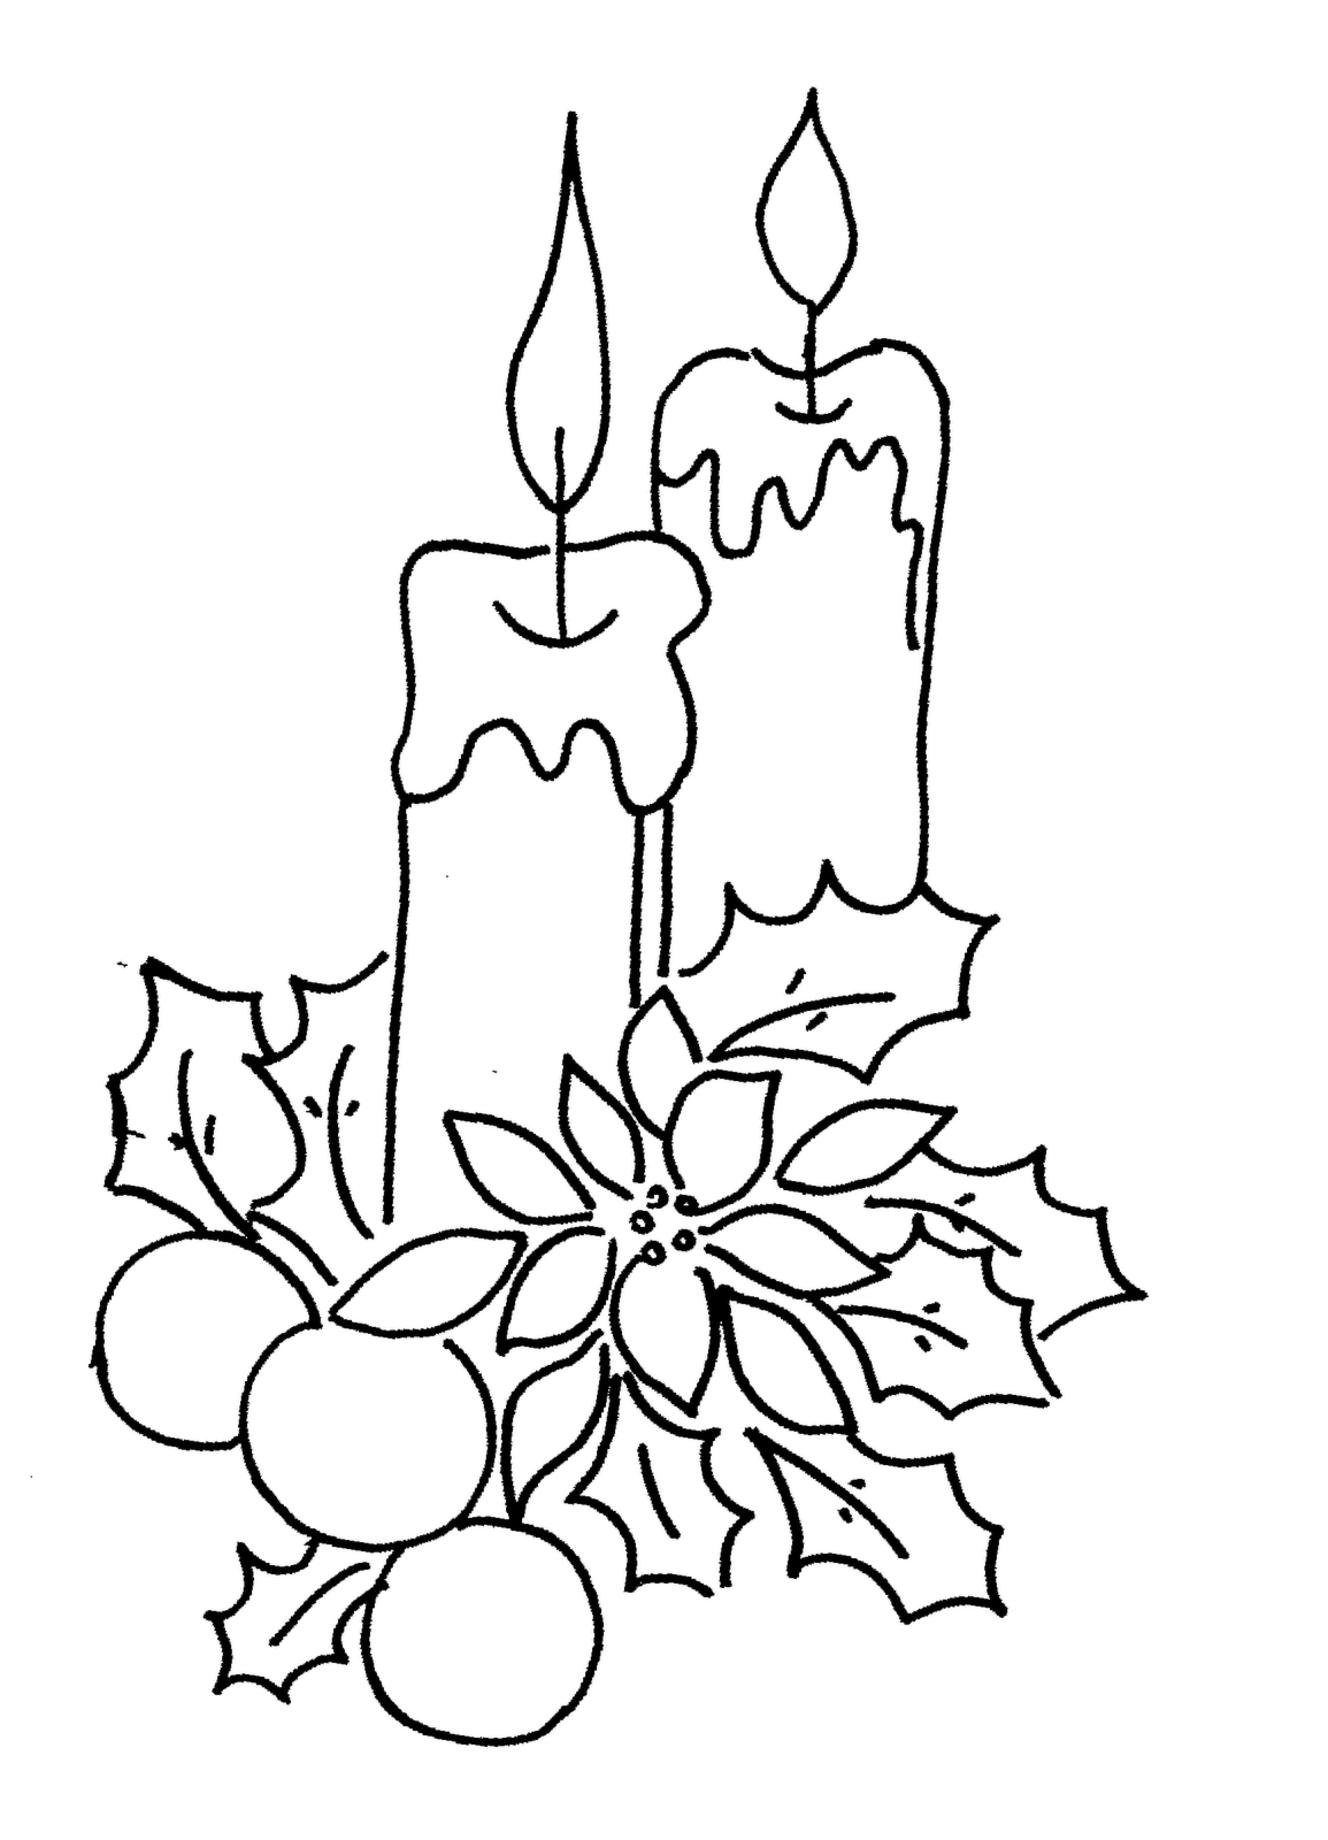 Resultado De Imagem Para Imagem Natalina Para Colorir Weihnachten Zeichnung Weihnachtsmalvorlagen Malvorlagen Weihnachten